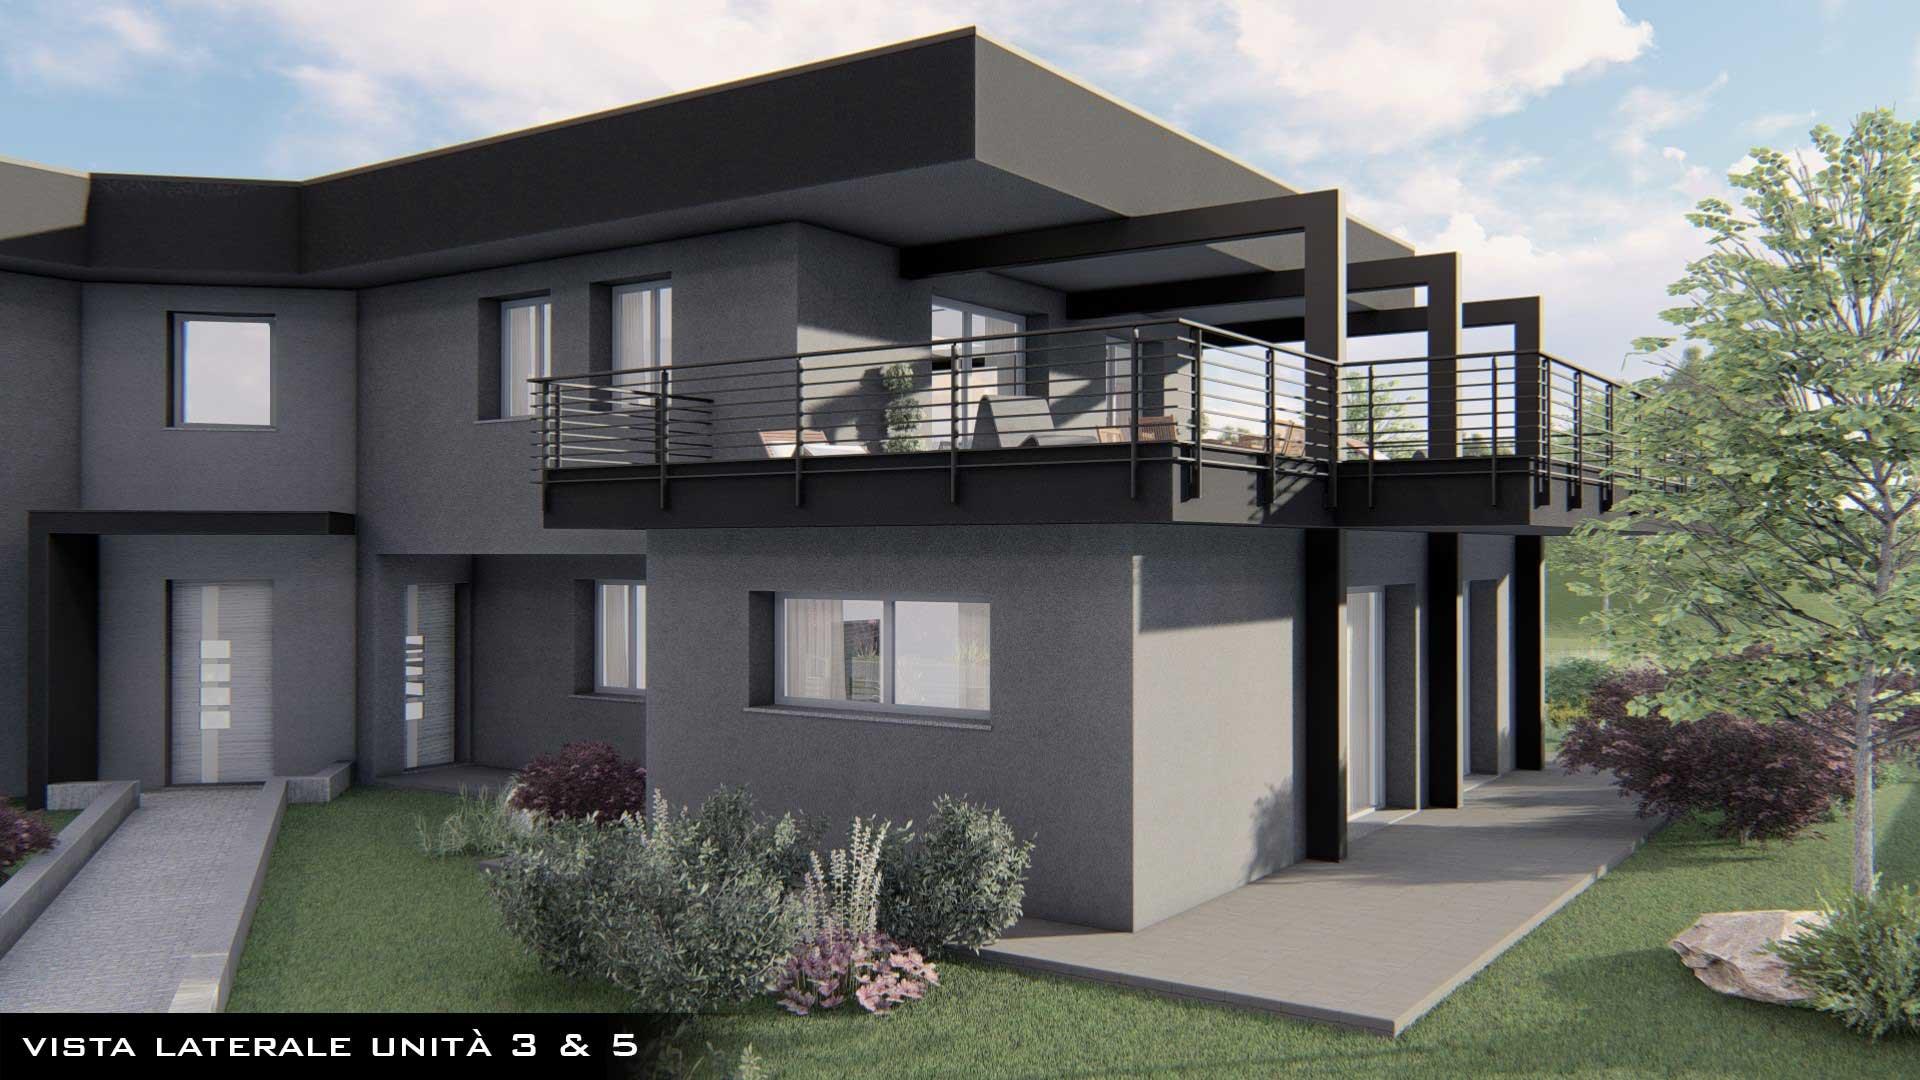 nuovo quadrilocale con giardino in corso di costruzione a Oltrona San Mamette